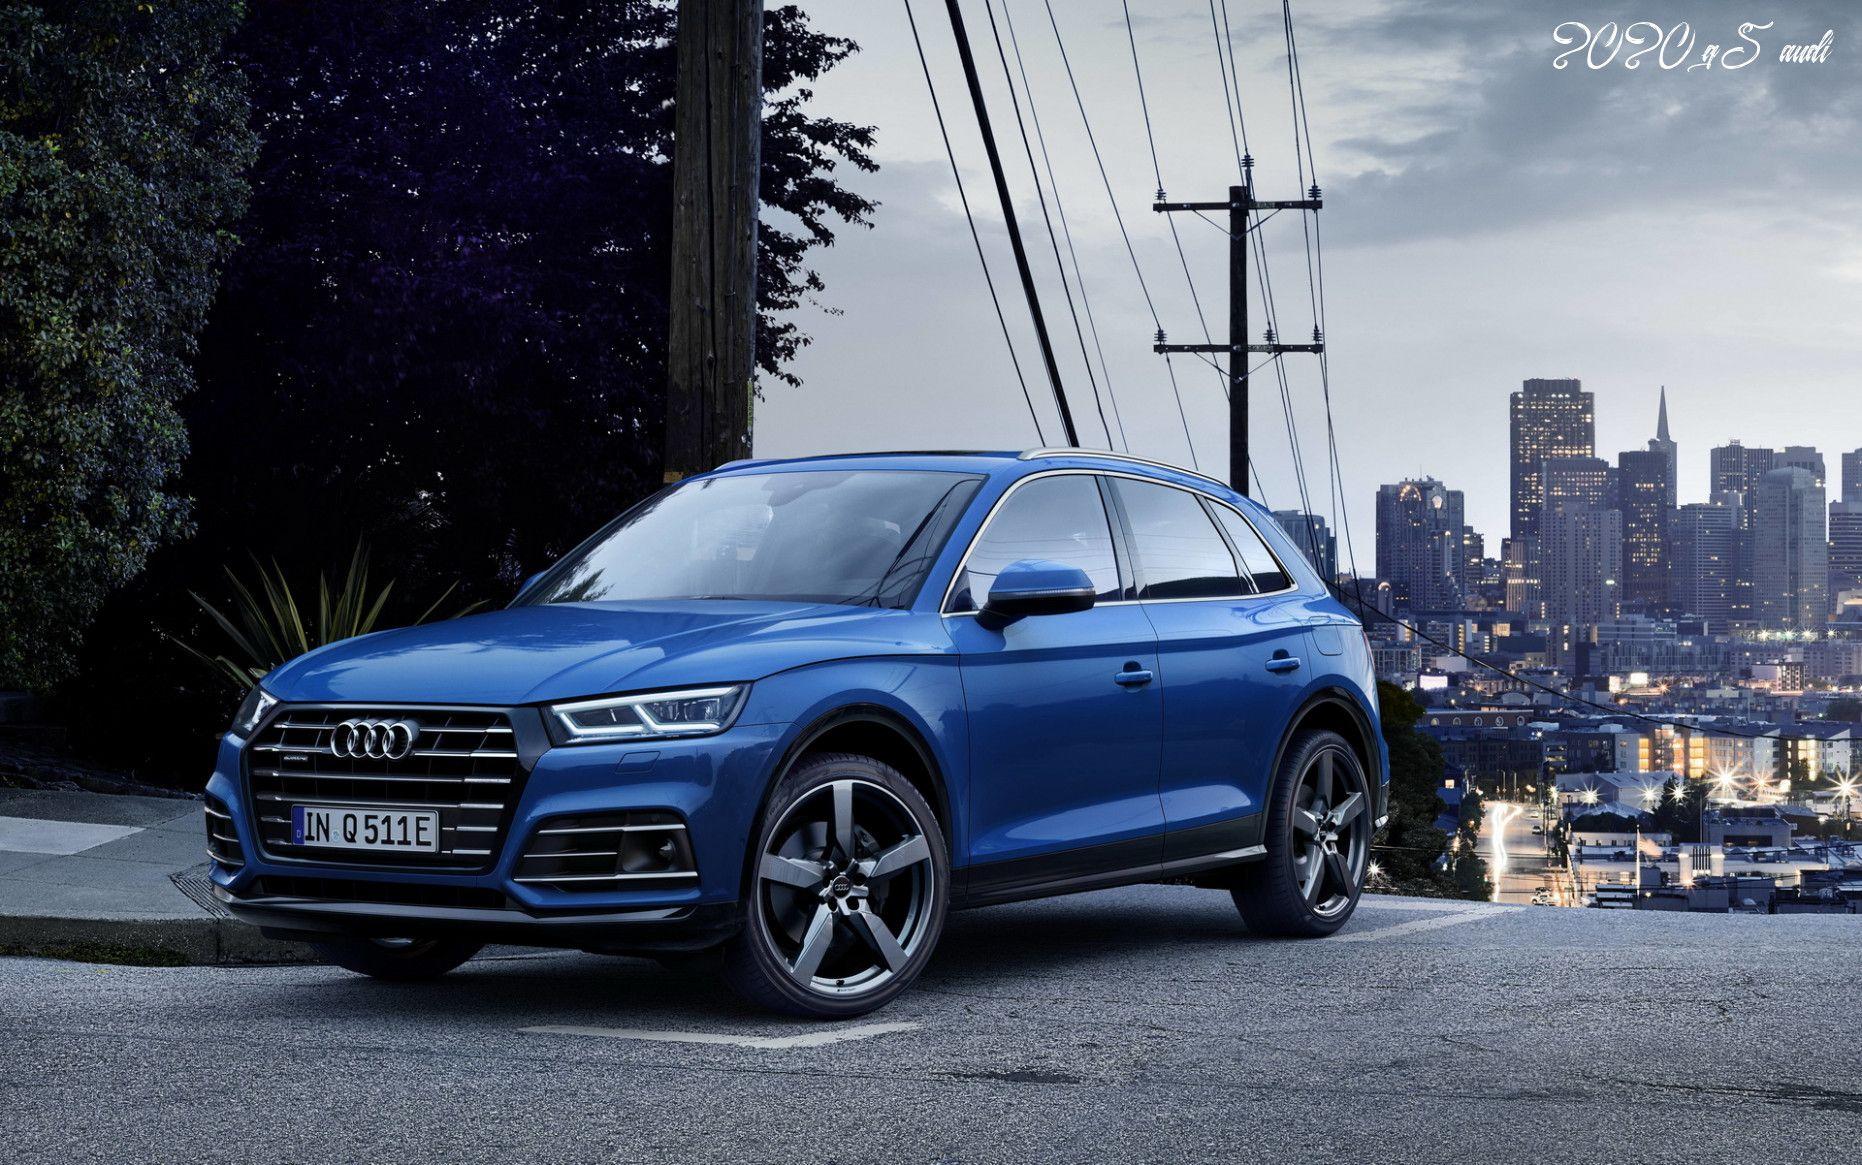 2020 Q5 Audi In 2020 Audi Q5 Audi Hybrid Car